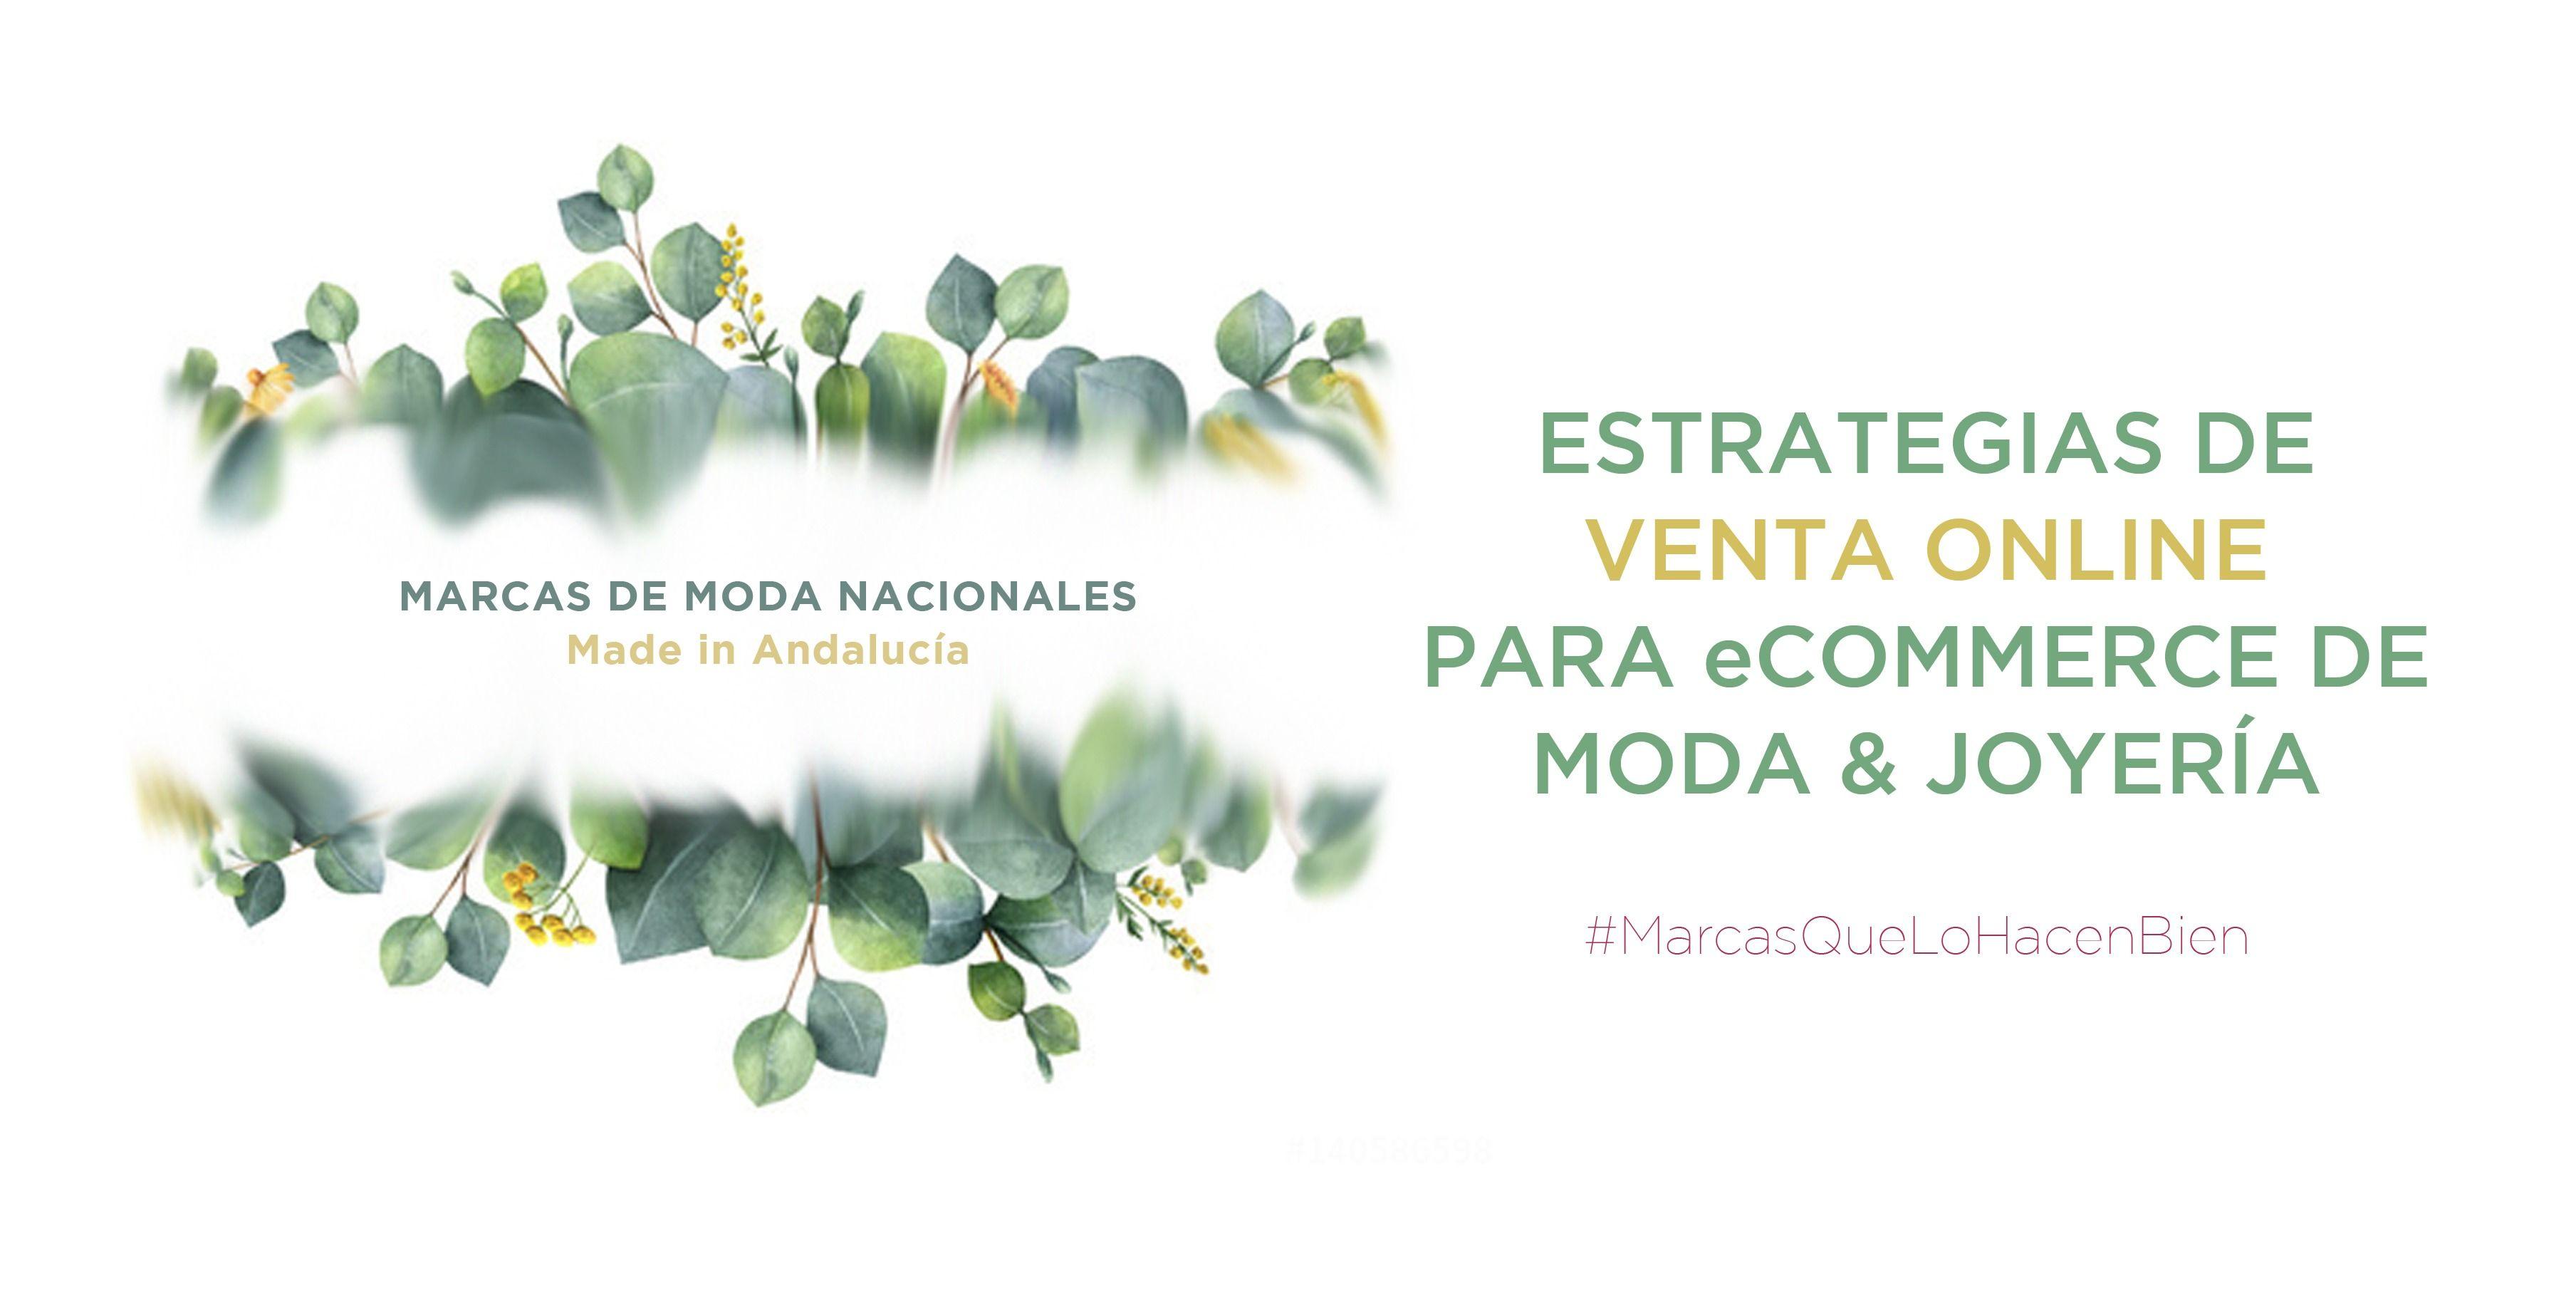 marcas-de-moda-que-lo-hacen-bien-para-vender-online-Portada-Marketiniana.jpg